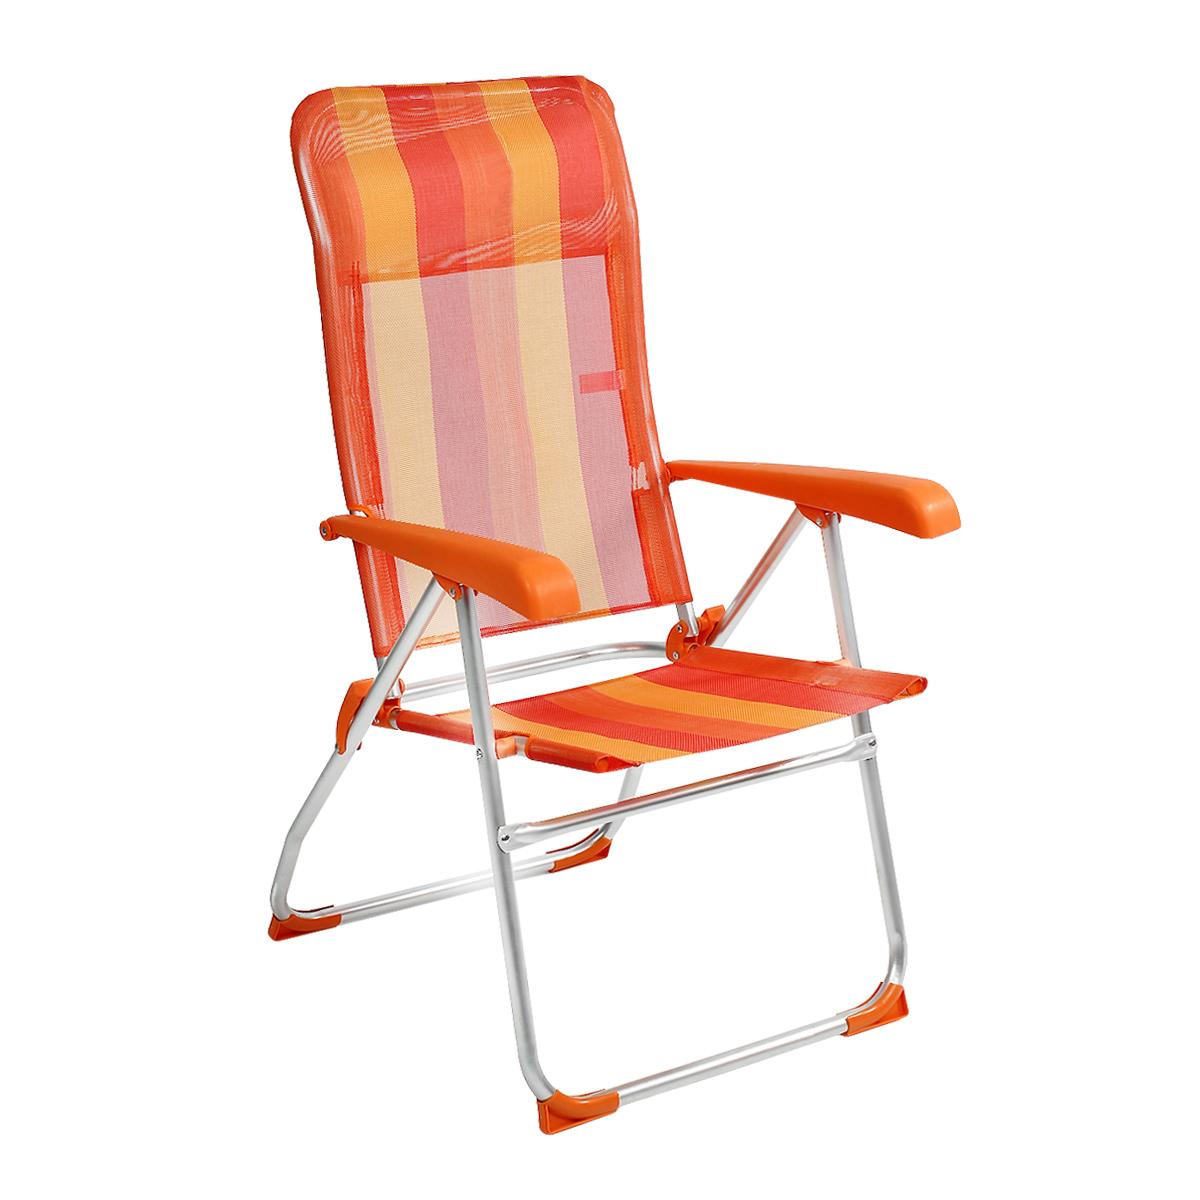 Кресло складное Happy Camper, цвет: желтый, оранжевыйLIFC007/70633Кресло складное Happy Camper - это незаменимый предмет походной мебели, очень удобен в эксплуатации. Каркас кресла изготовлен из прочного и долговечного алюминиевого сплава, устойчивого к погодным условиям, и оснащенный простым и безопасным механизмом регулировки и фиксации. Подлокотники выполнены из пластика.Кресло легко собирается и разбирается и не занимает много места, поэтому подходит для транспортировки и хранения дома.Складное кресло прекрасно подойдет для комфортного отдыха на даче или в походе. Характеристики: Материал: текстилен 1х1, алюминий. Размеры кресла в разложенном состоянии: 61 см х 64 см х 110 см. Максимальная нагрузка: 110 кг.